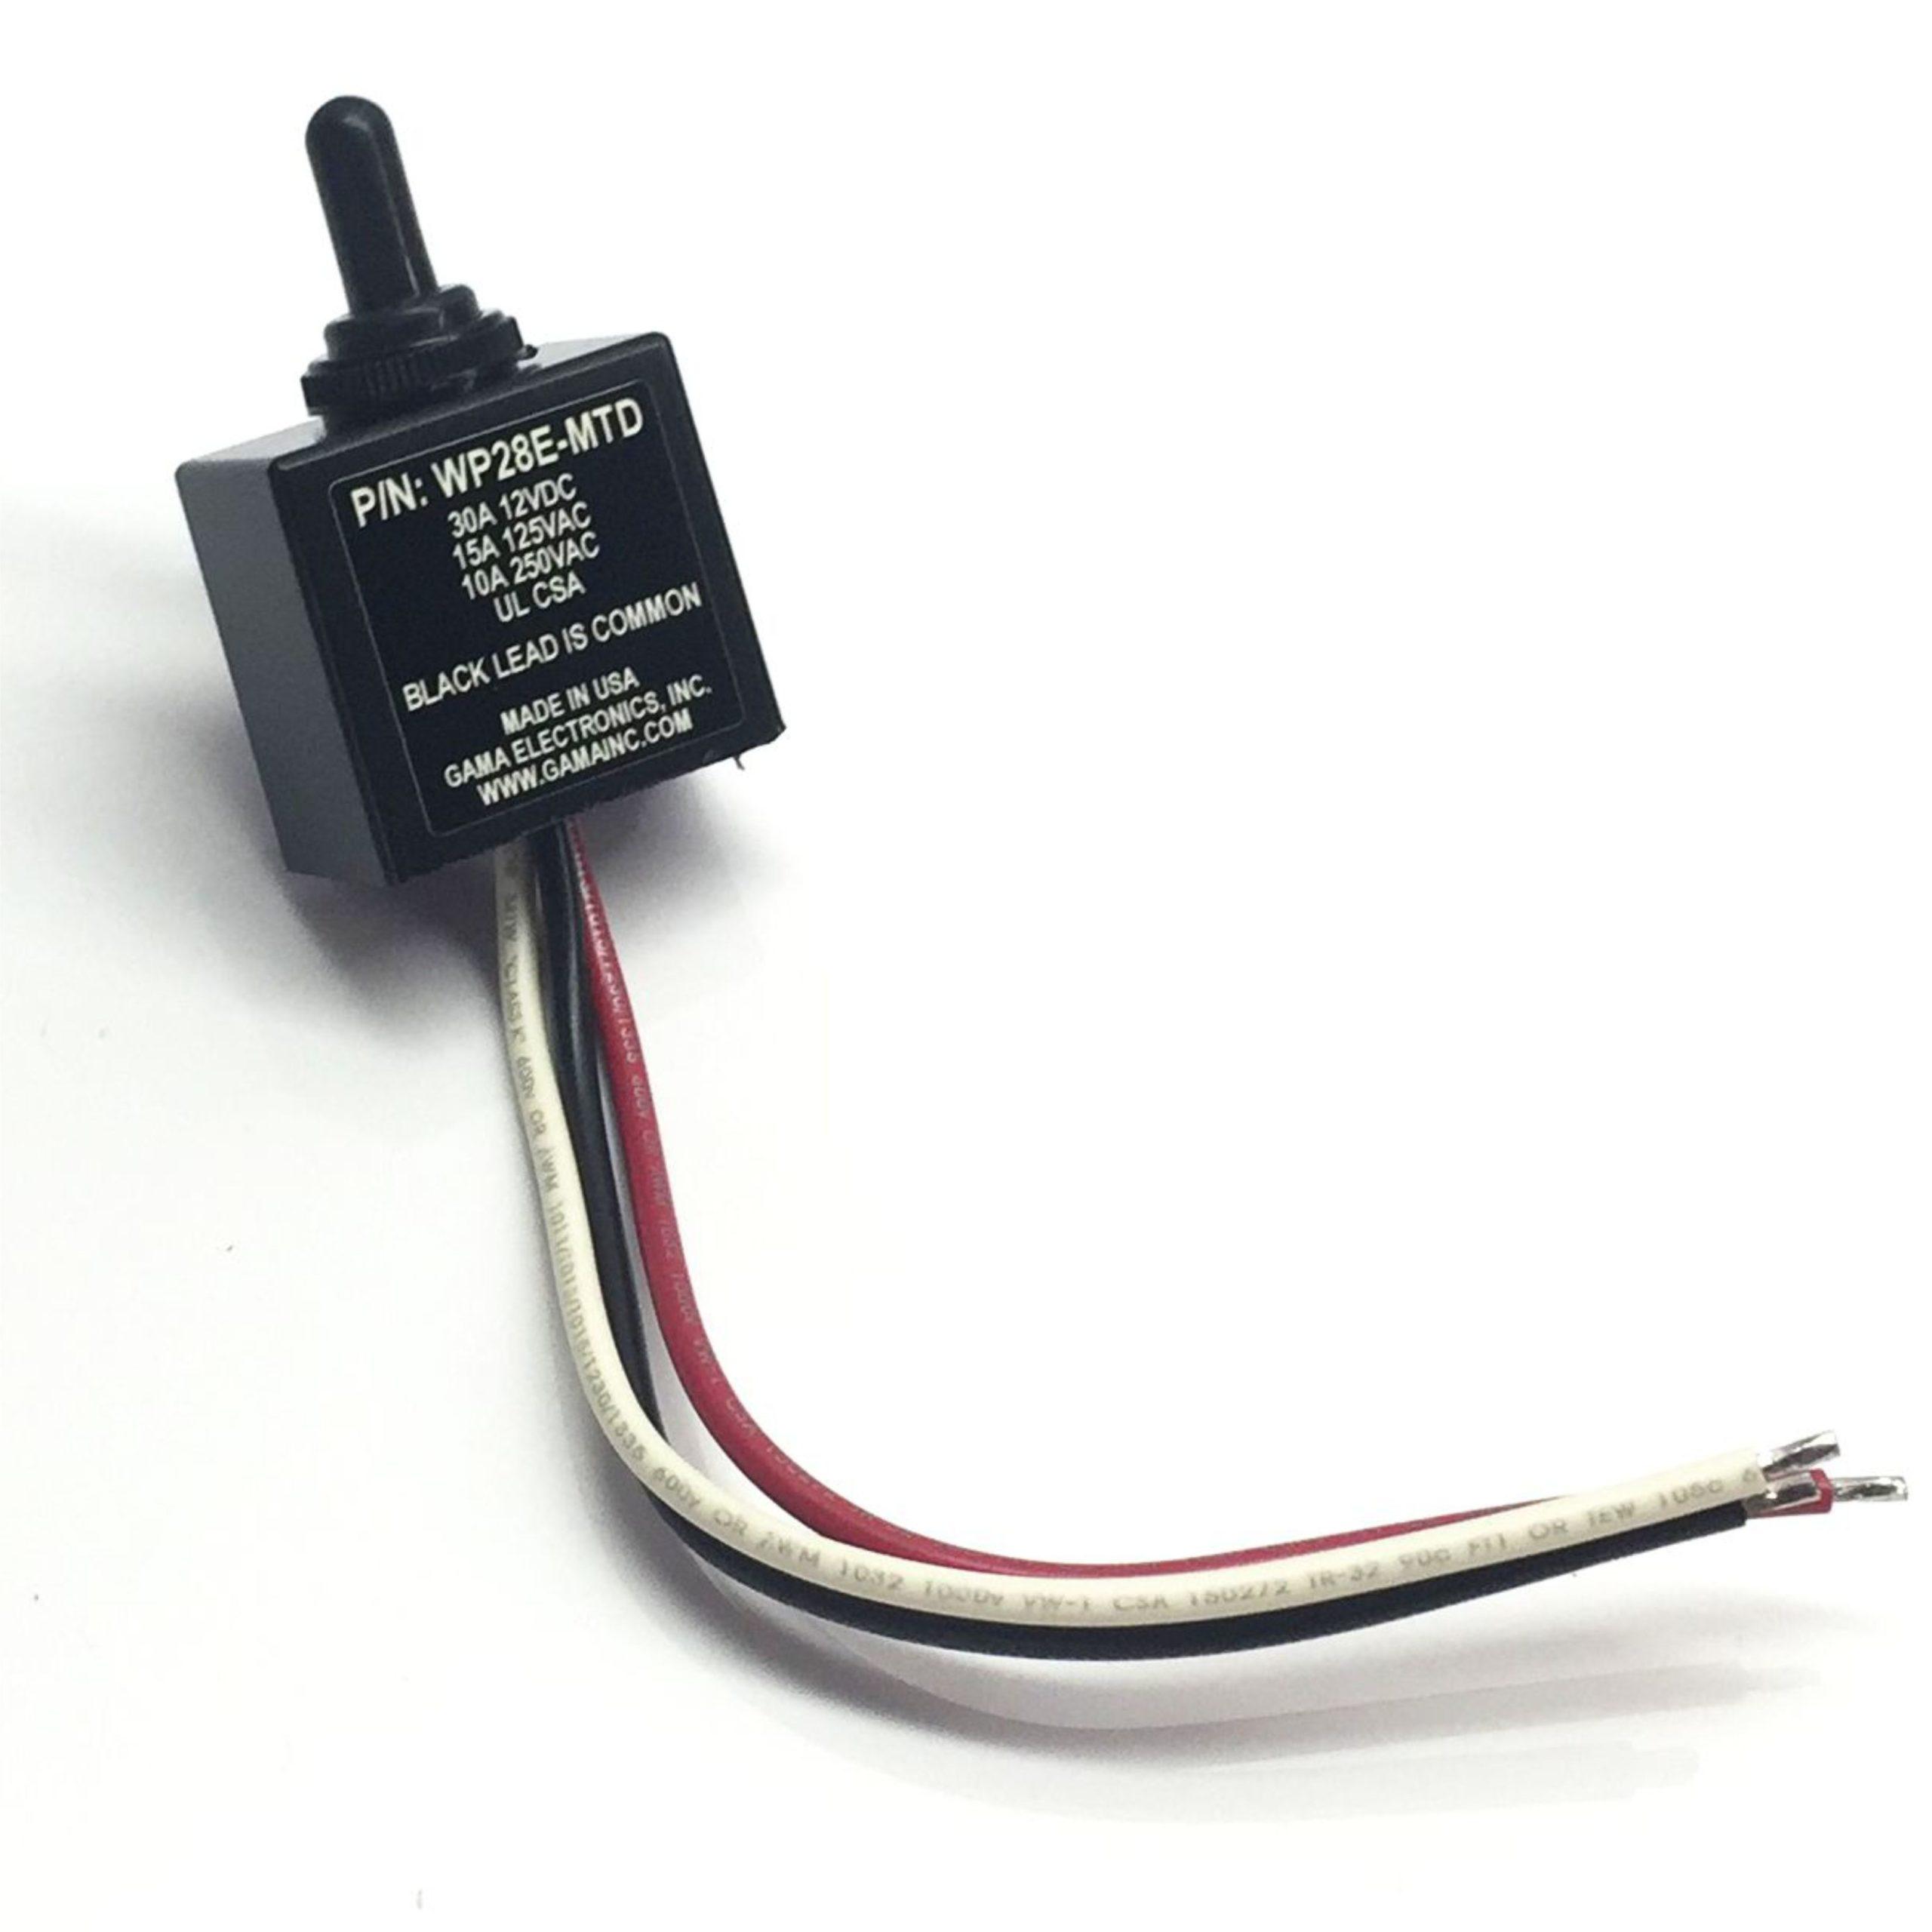 WP28E-MTD